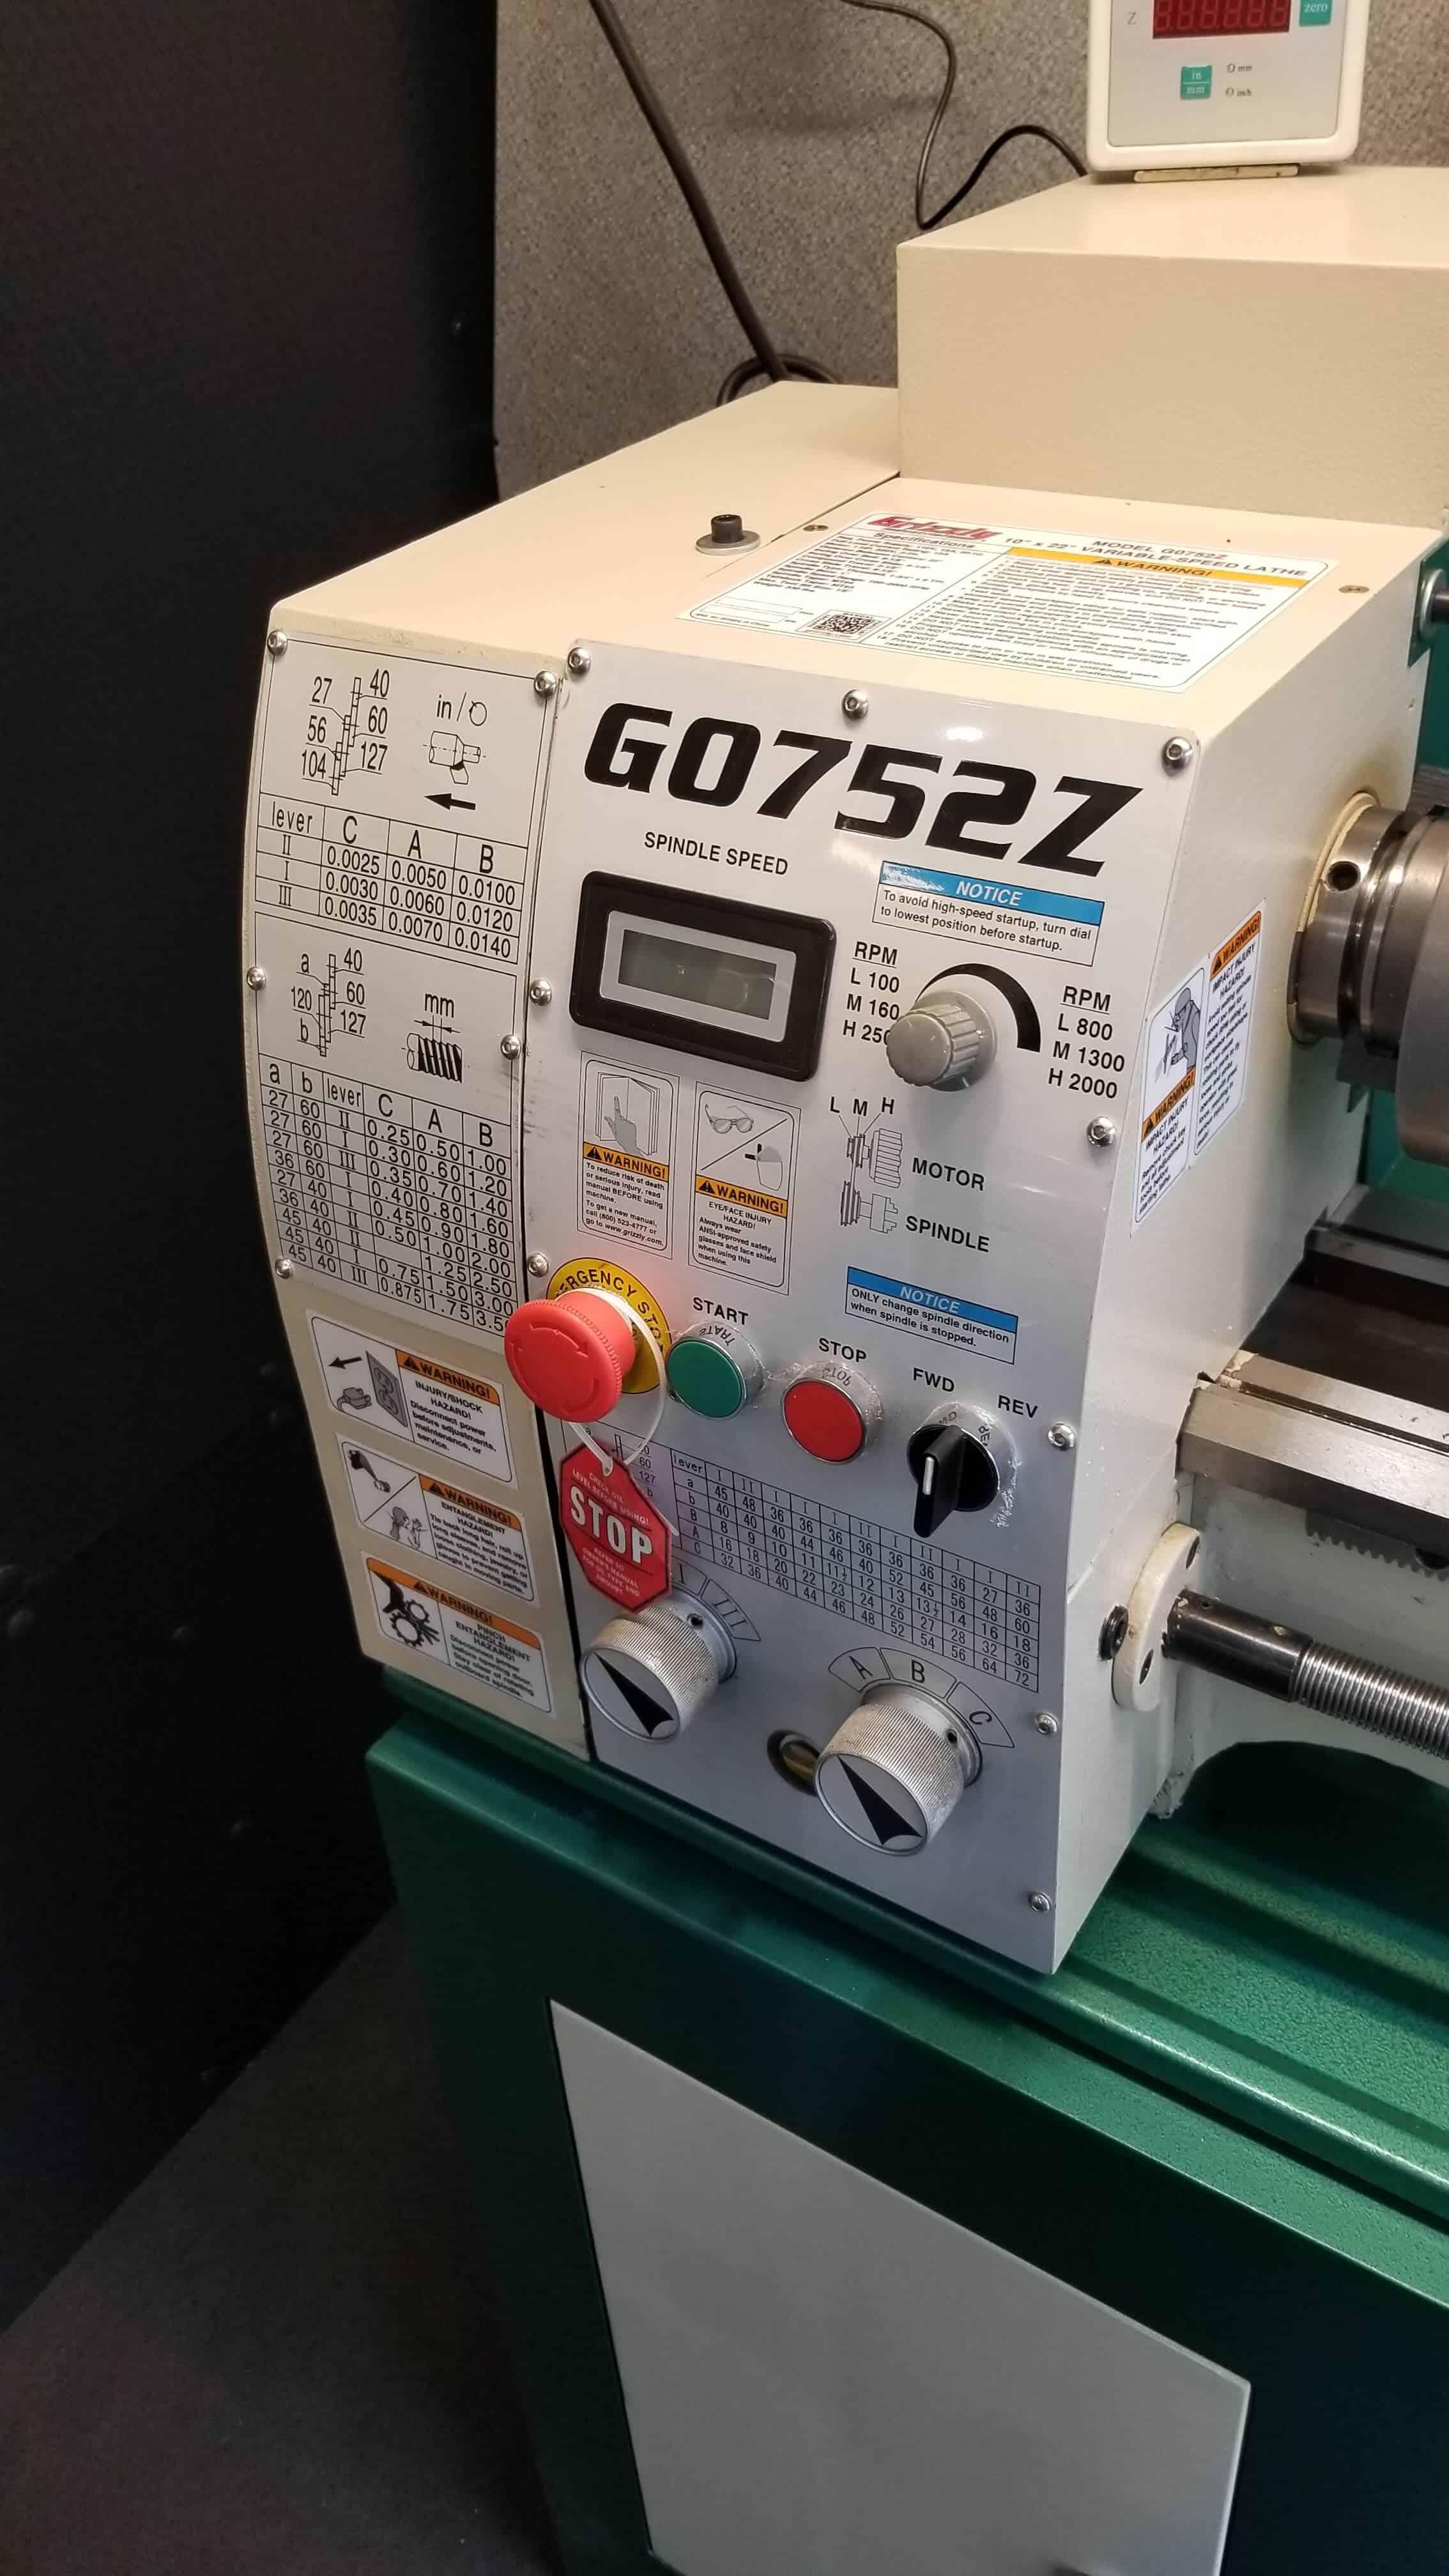 G0752Z Lathe